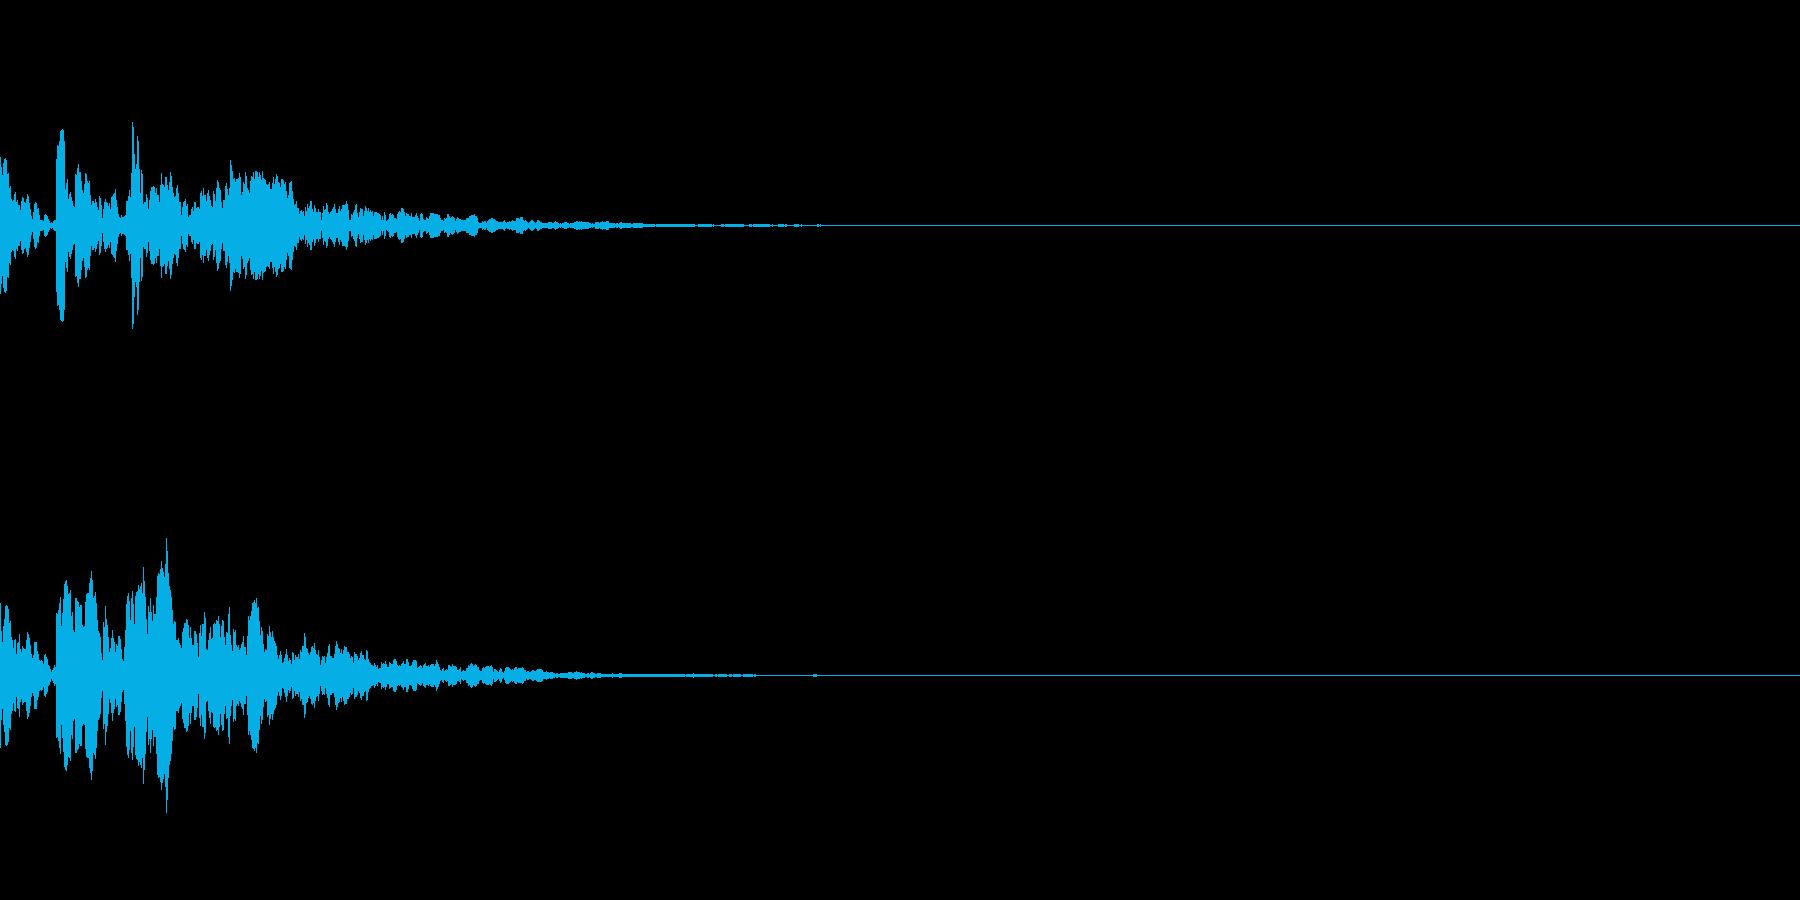 ピコーン!(起動、ひらめき)の再生済みの波形